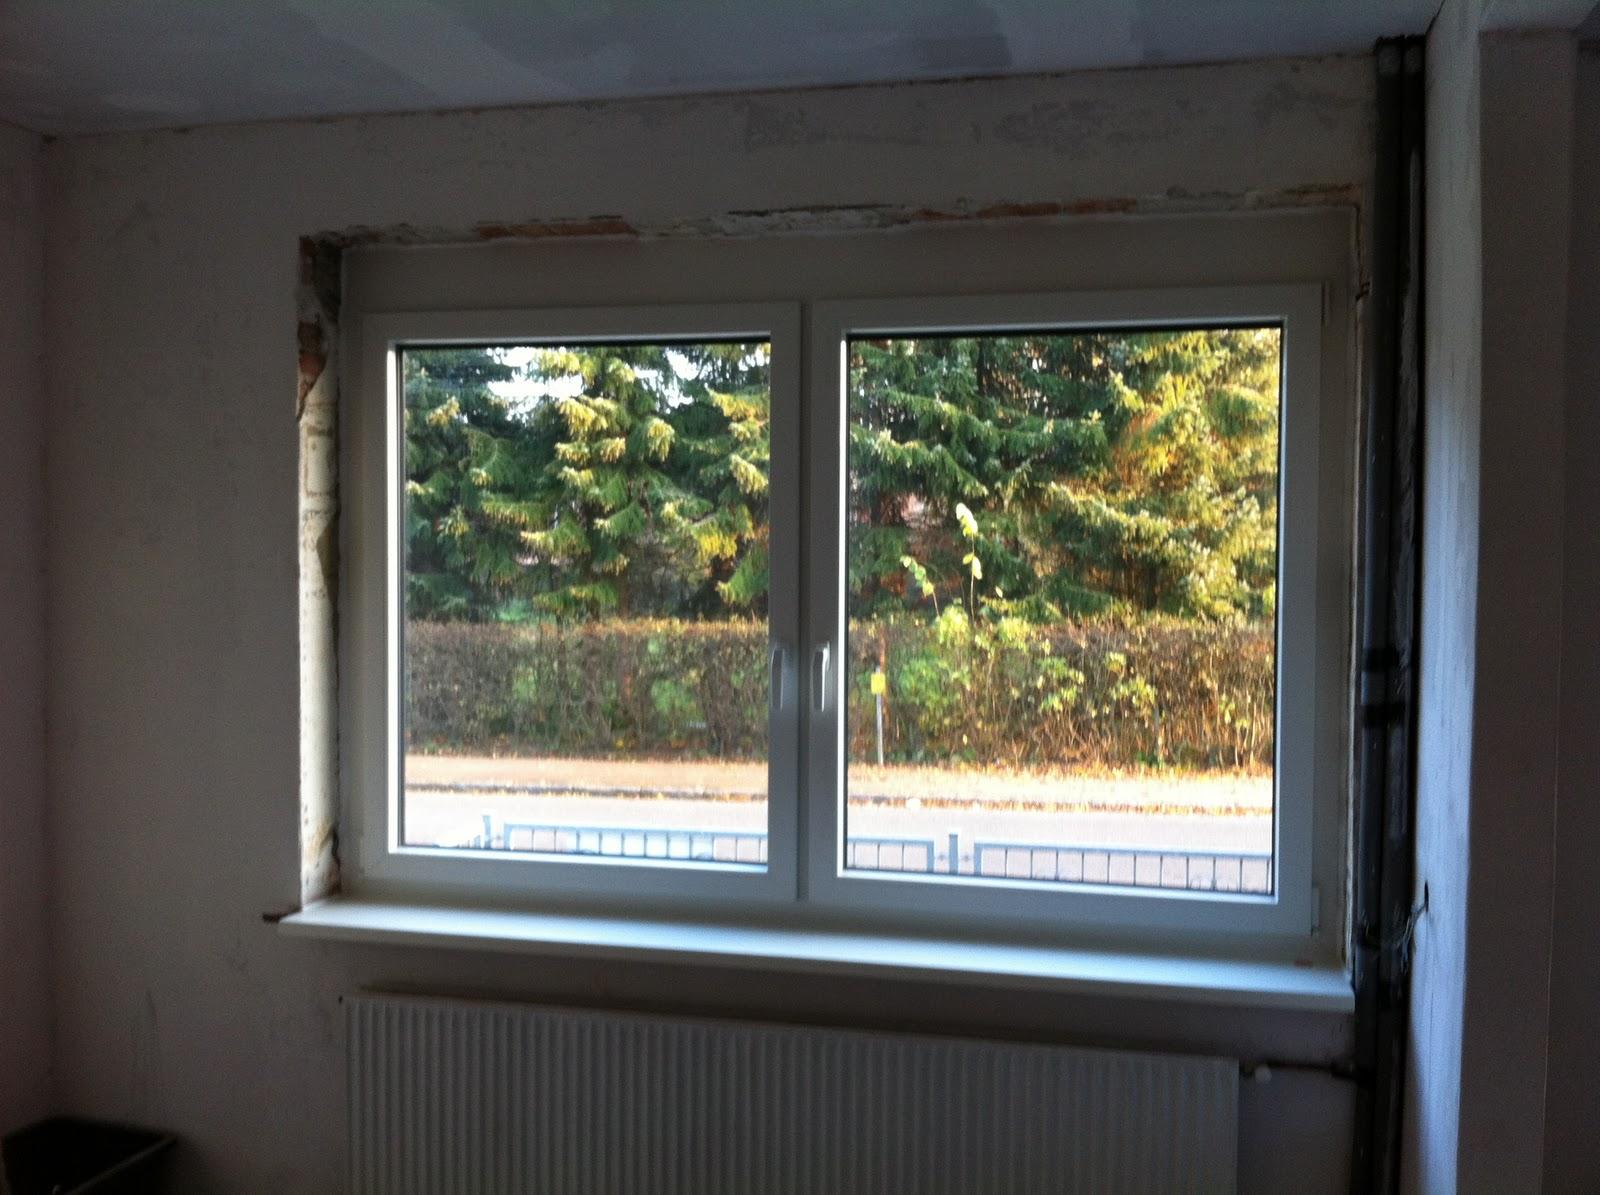 abenteuer renovierung neue fenster. Black Bedroom Furniture Sets. Home Design Ideas